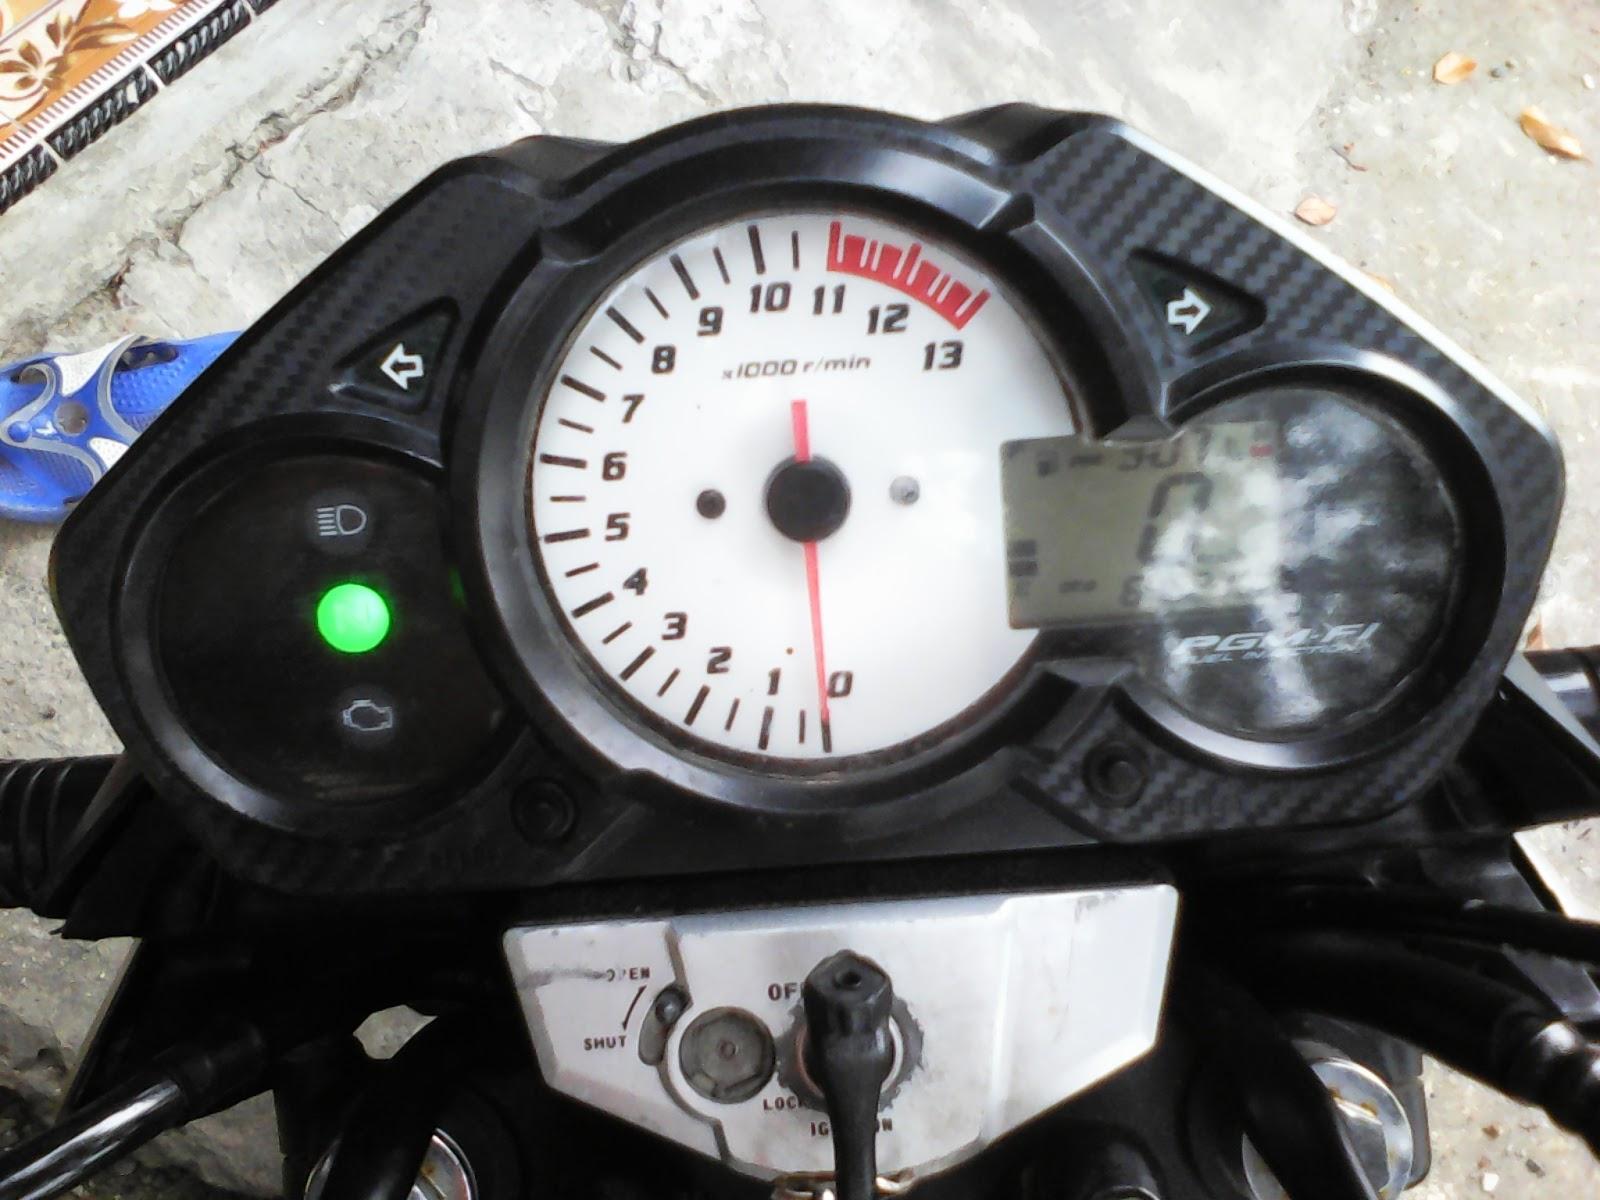 CeMeT garage: RUMUS menghitung real speed motor ...